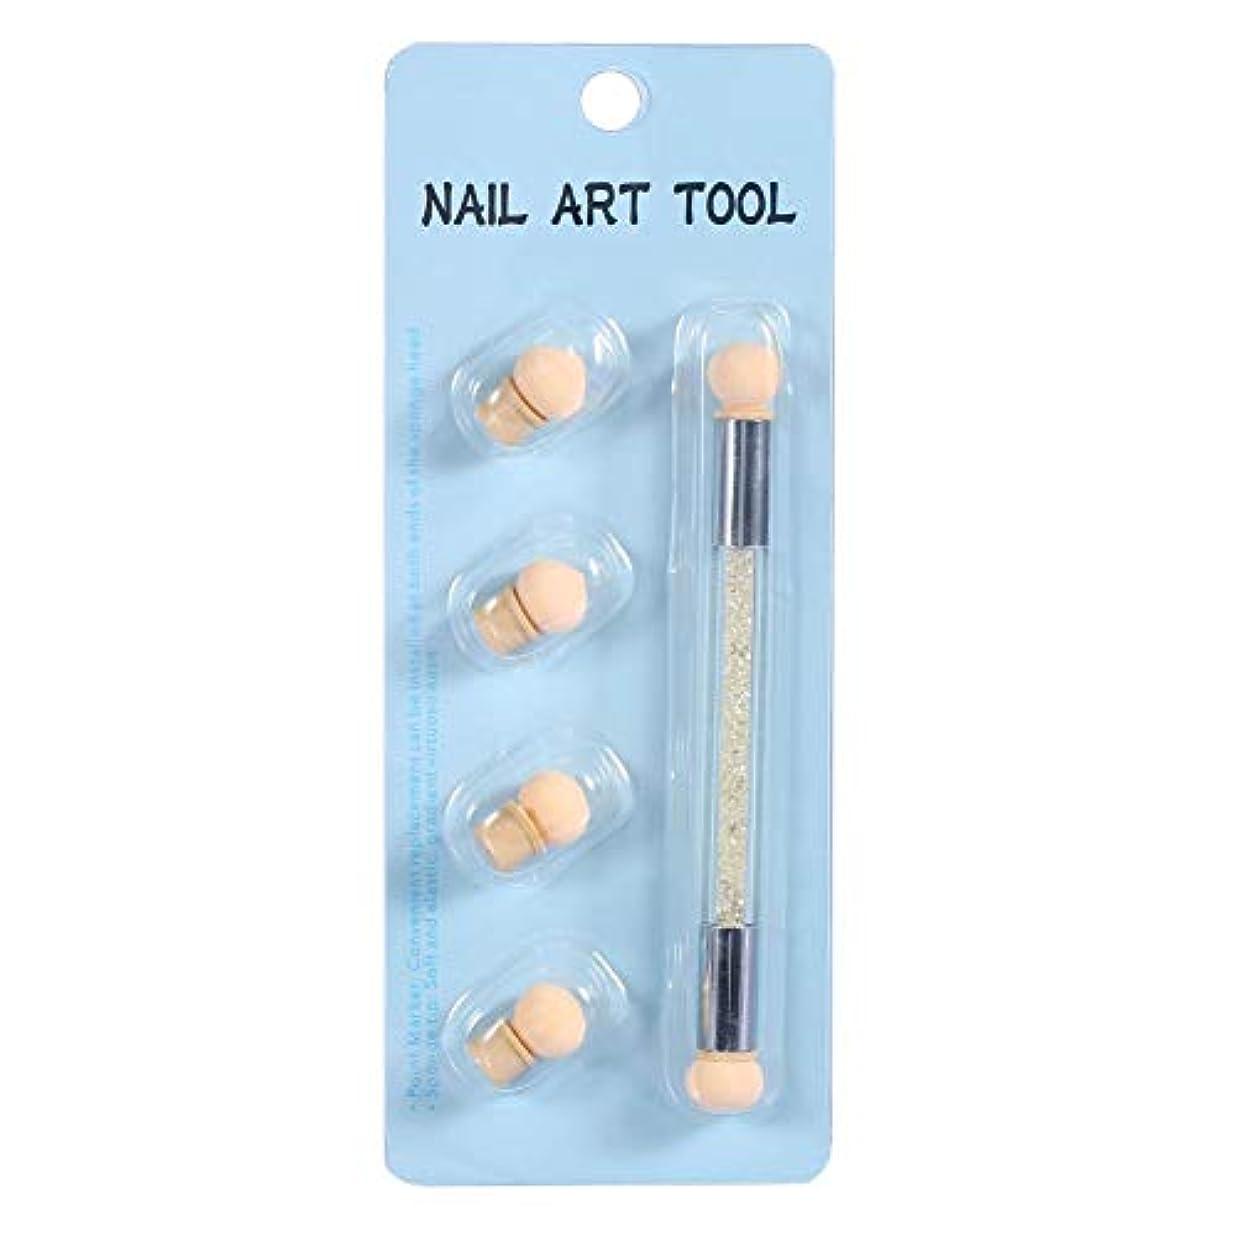 ネイルアート 4個 交換用 スポンジヘッド ネイルアートスポンジブラシ ネイル筆 ドットペン